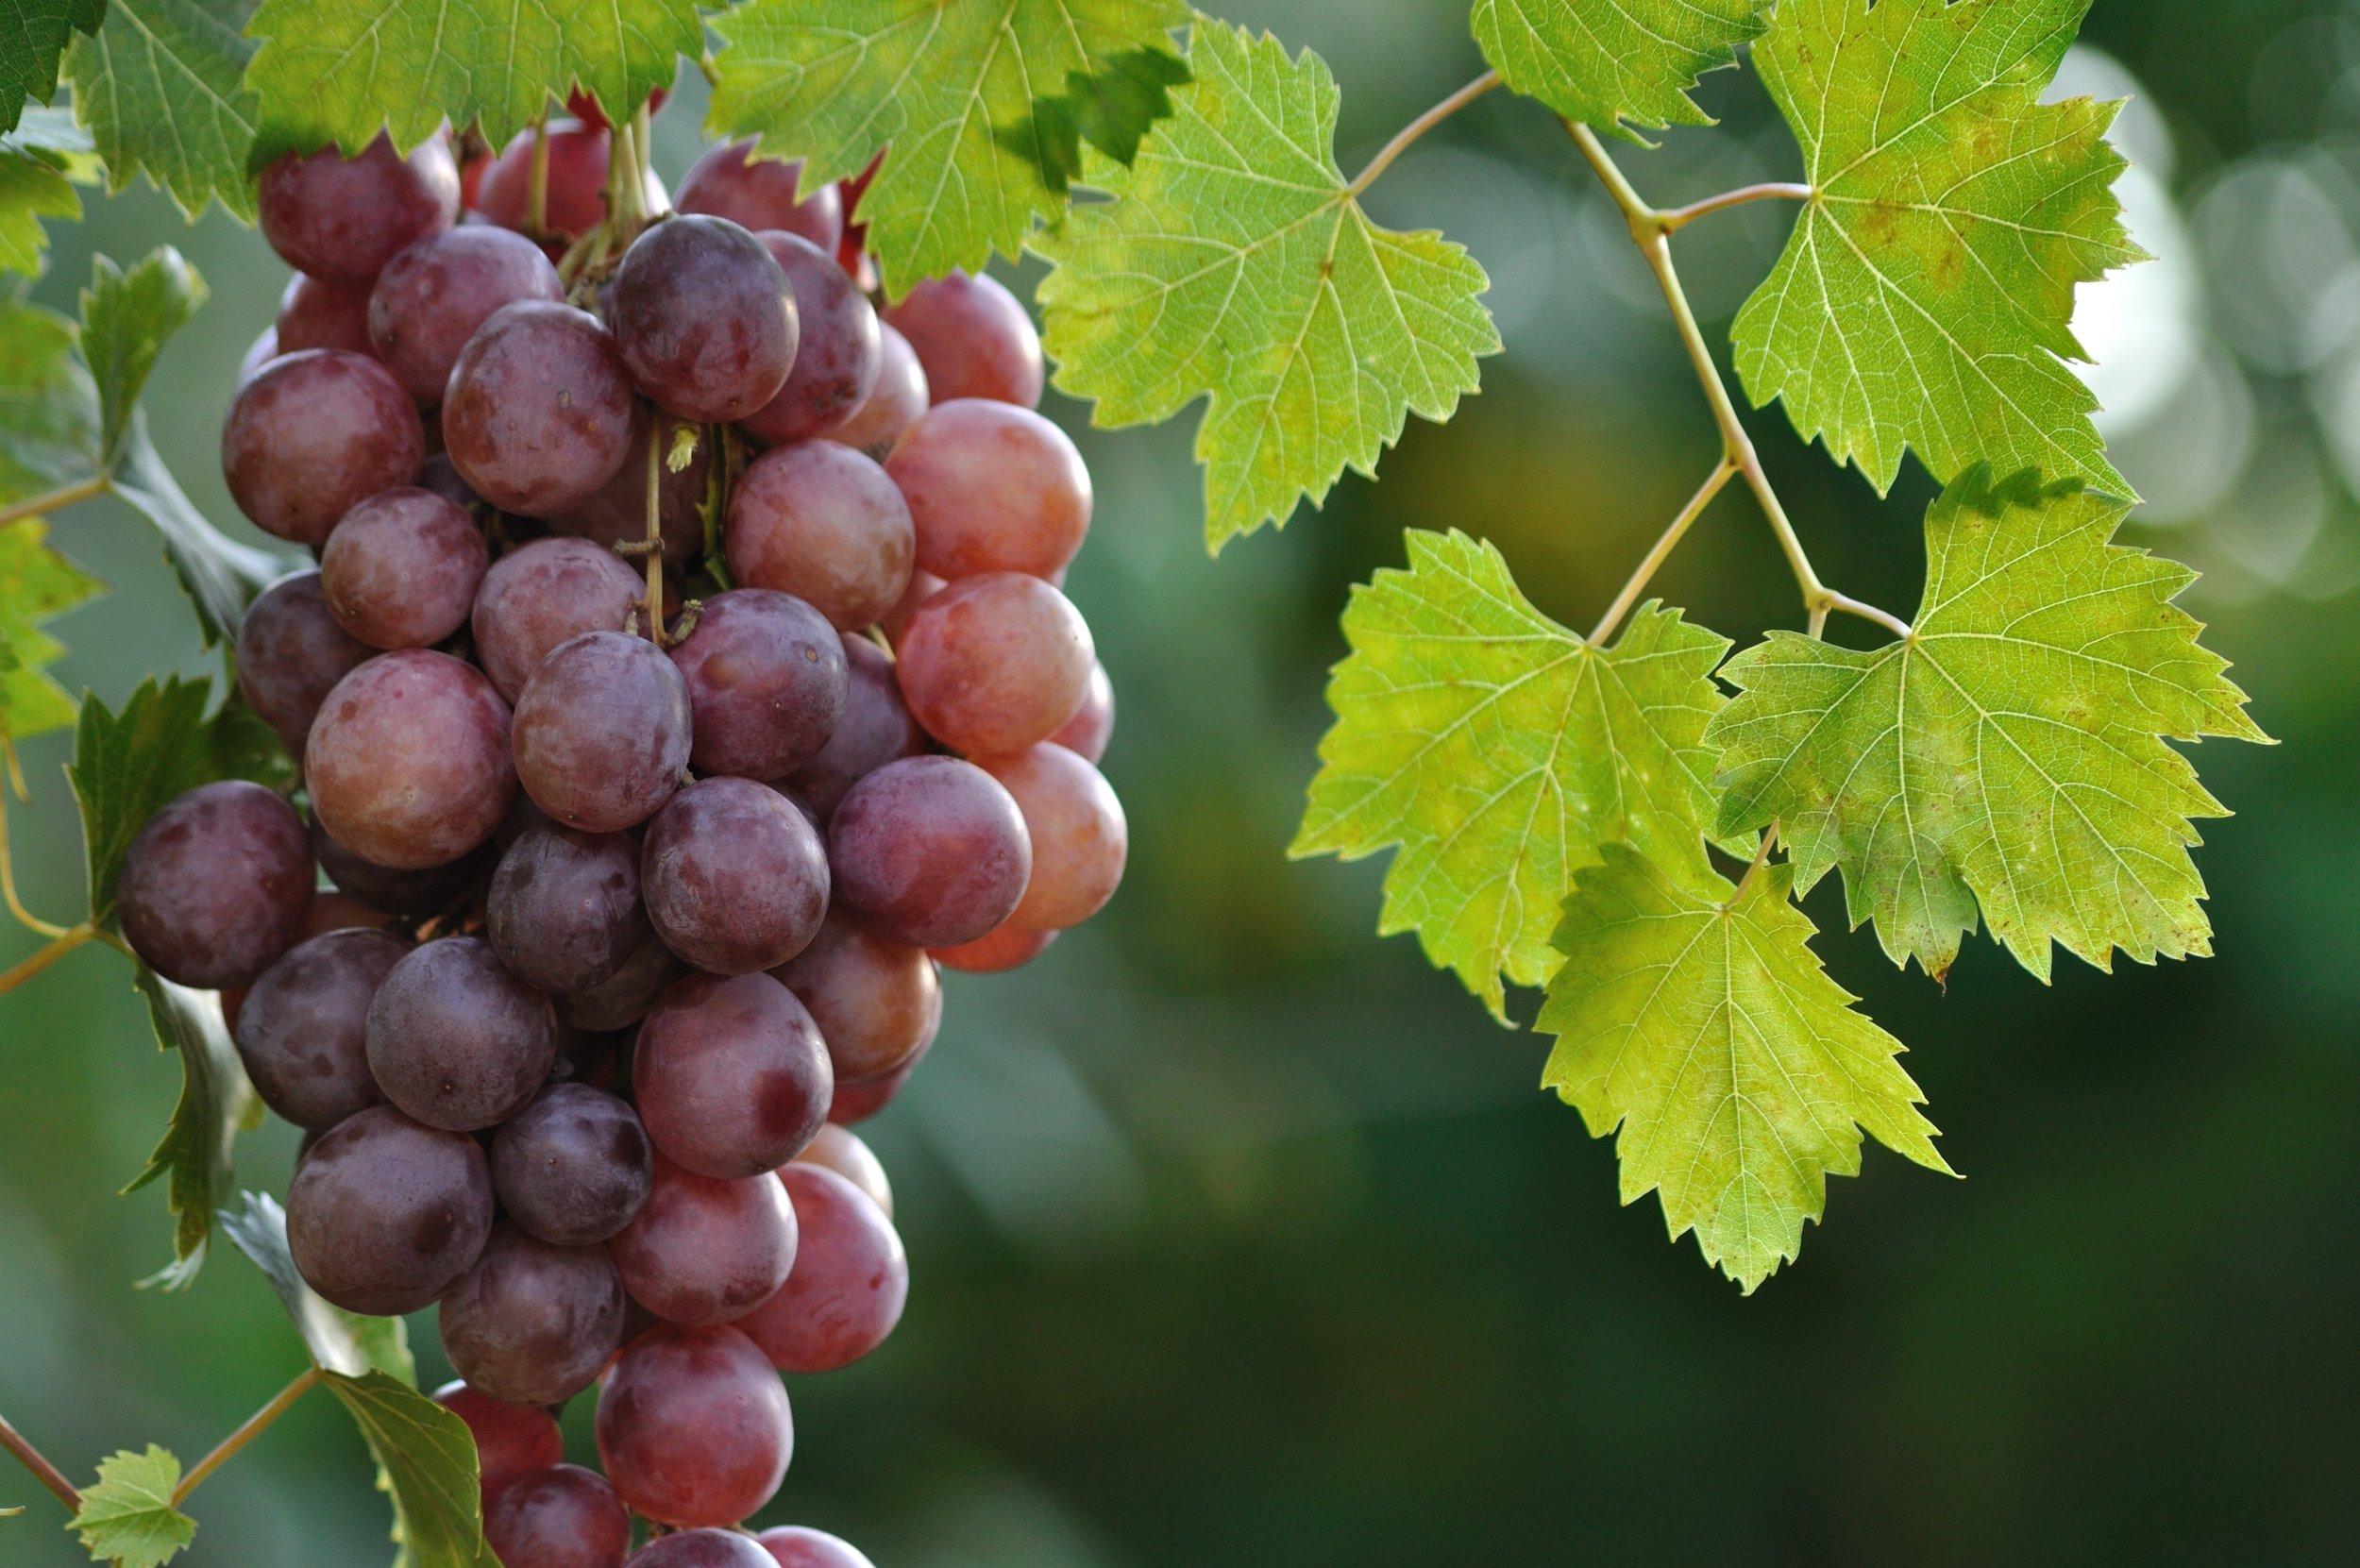 purple table grapes shutterstock_76220461.jpg